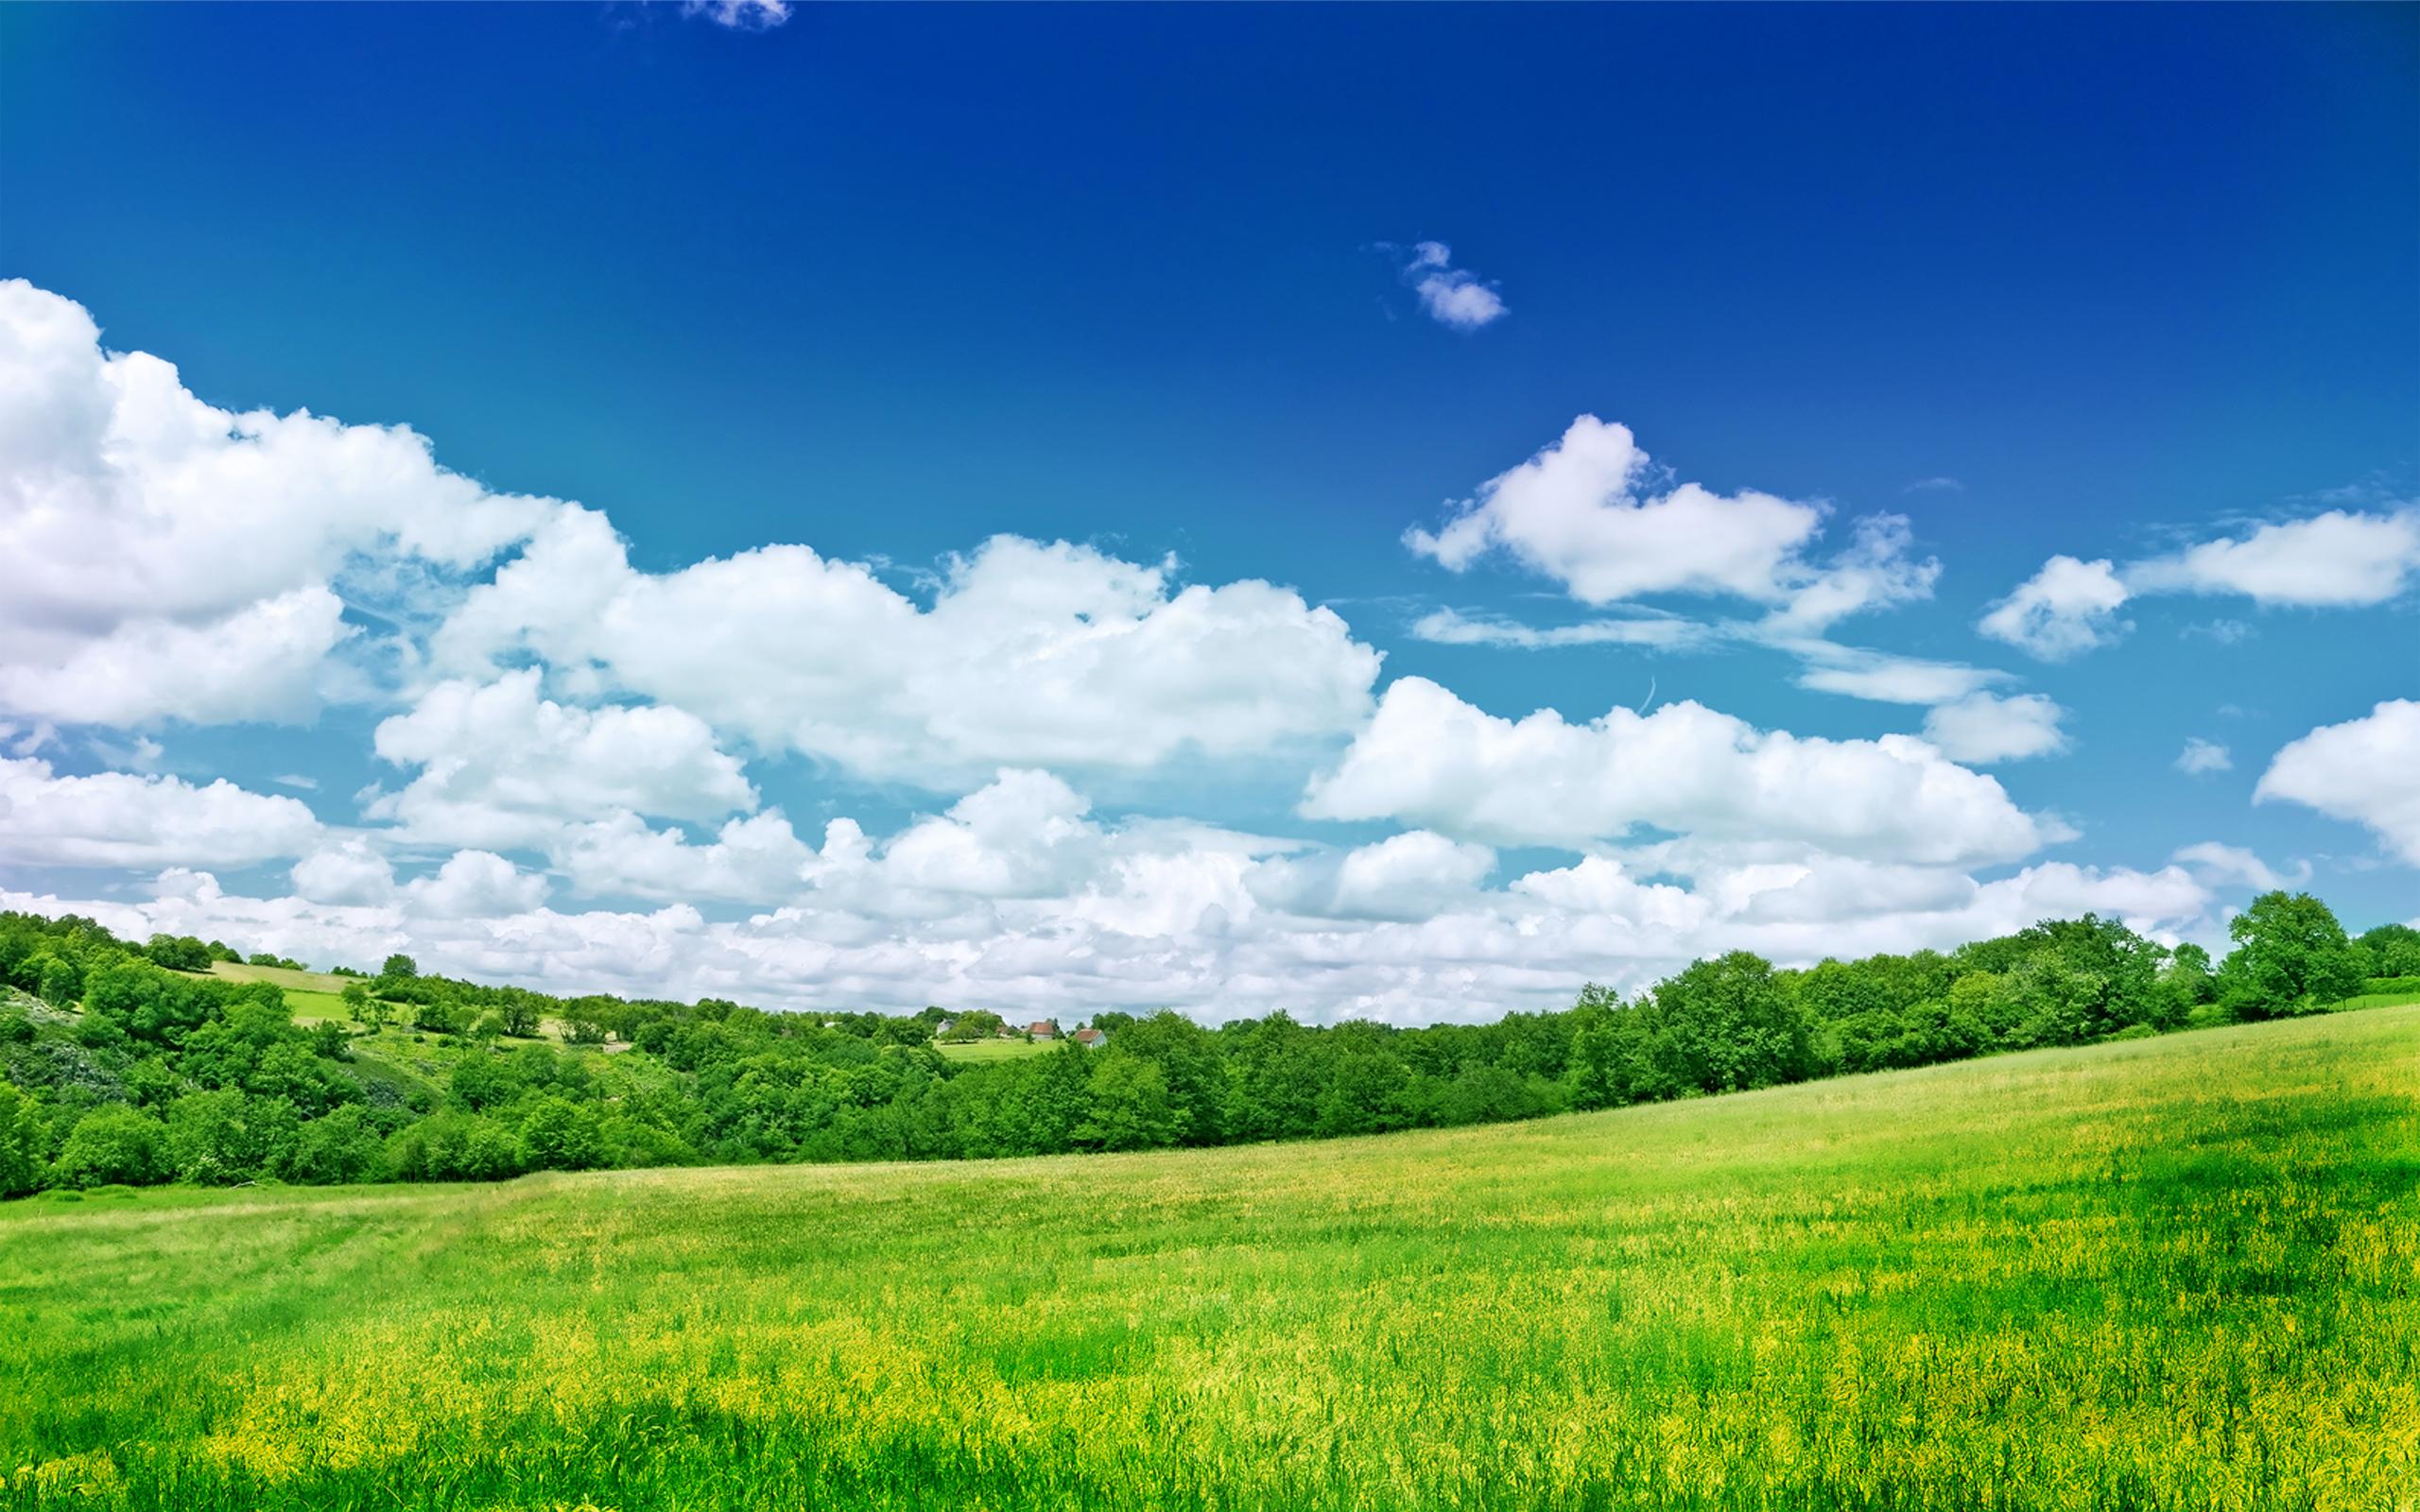 40 Beautiful Nature Wallpapers HD For Desktop